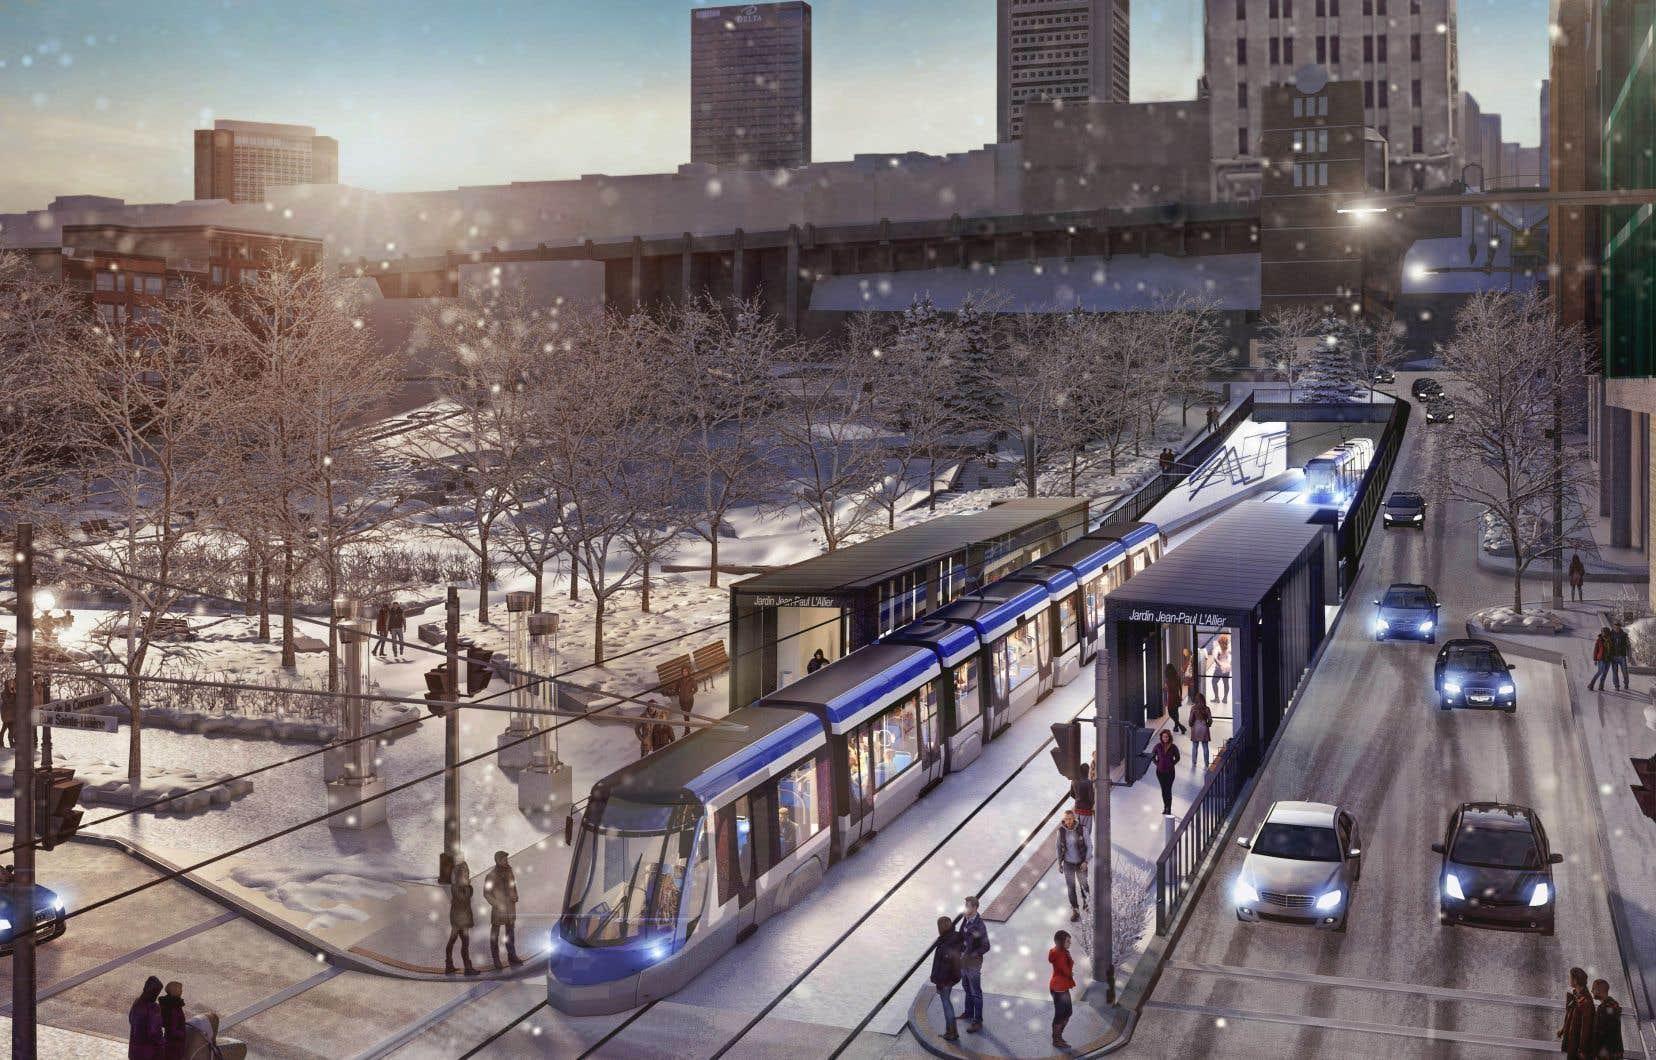 Cette démarche survientdans la foulée de la décision du gouvernement Legault de proposer son propre tracé du tramway afin de mieux desservir les banlieues.